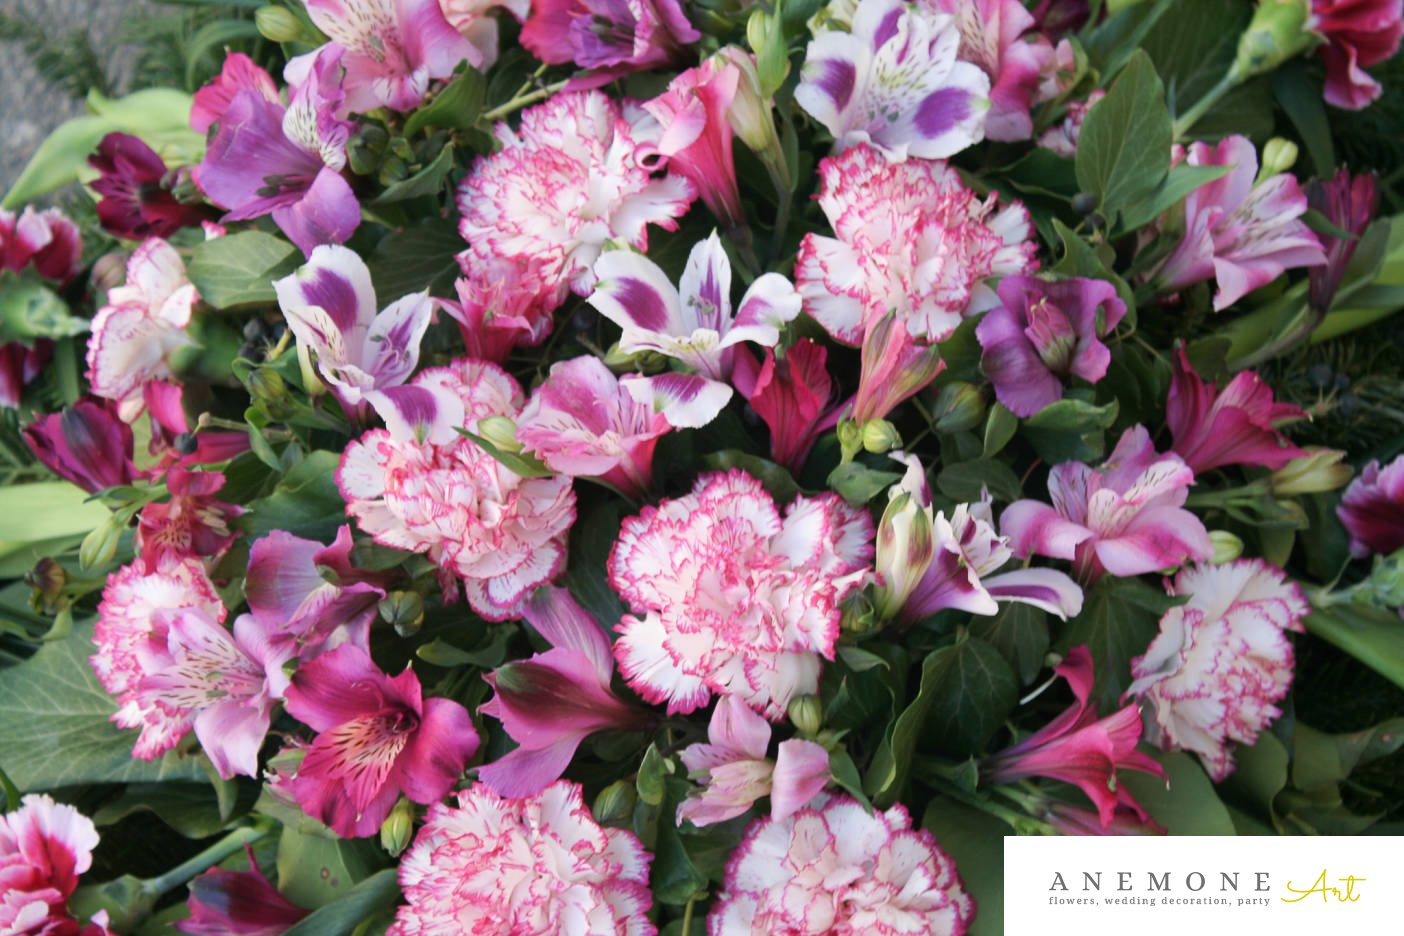 Poza, foto cu Flori de nunta alstroemeria, coroana funerara, garoafe, lalele, roz in Arad, Timisoara, Oradea (wedding flowers, bouquets) nunta Arad, Timisoara, Oradea